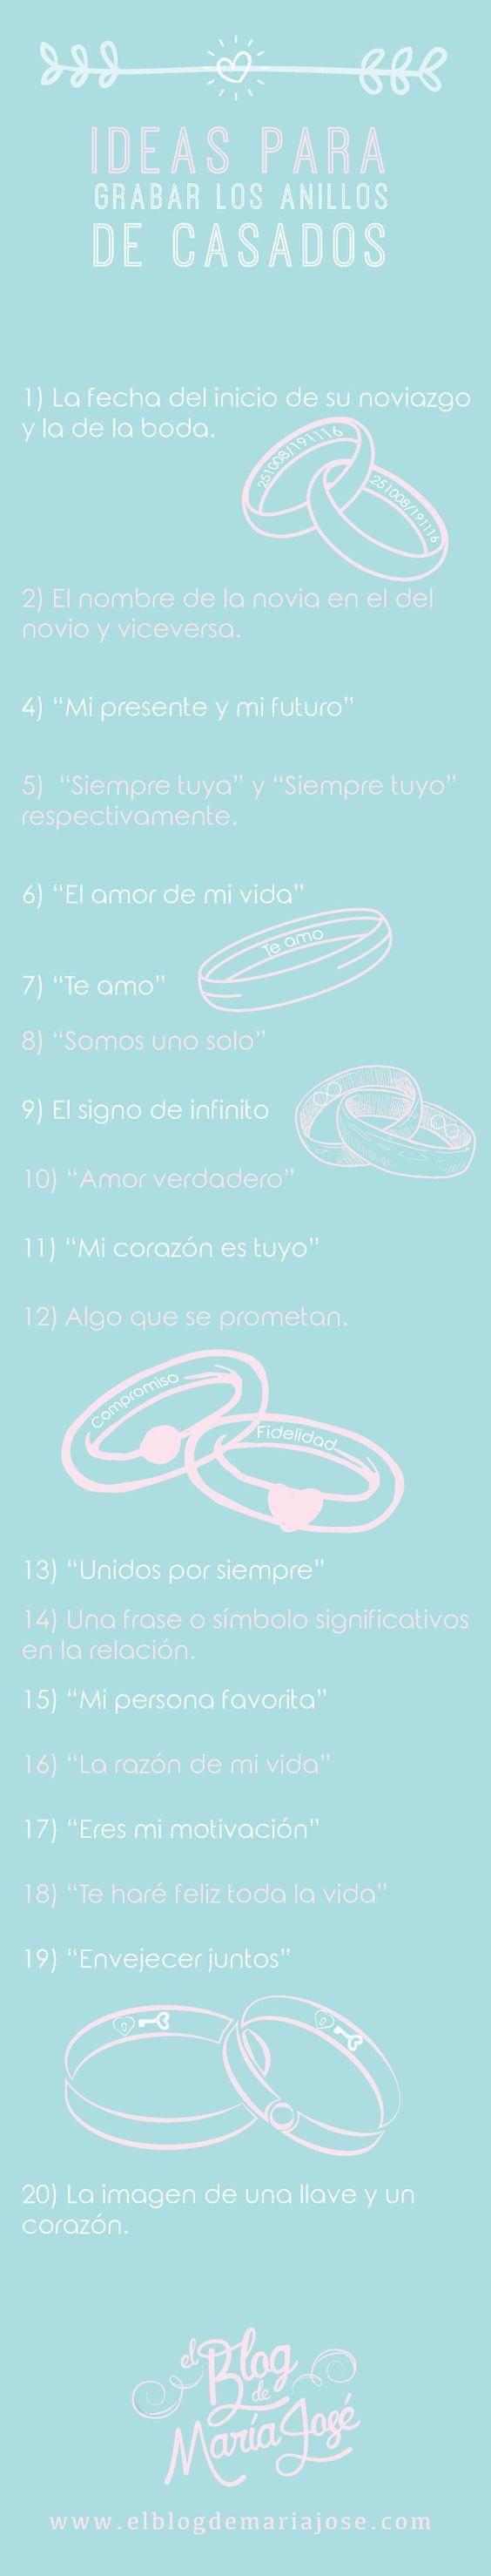 Ideas para grabar los anillos de casados